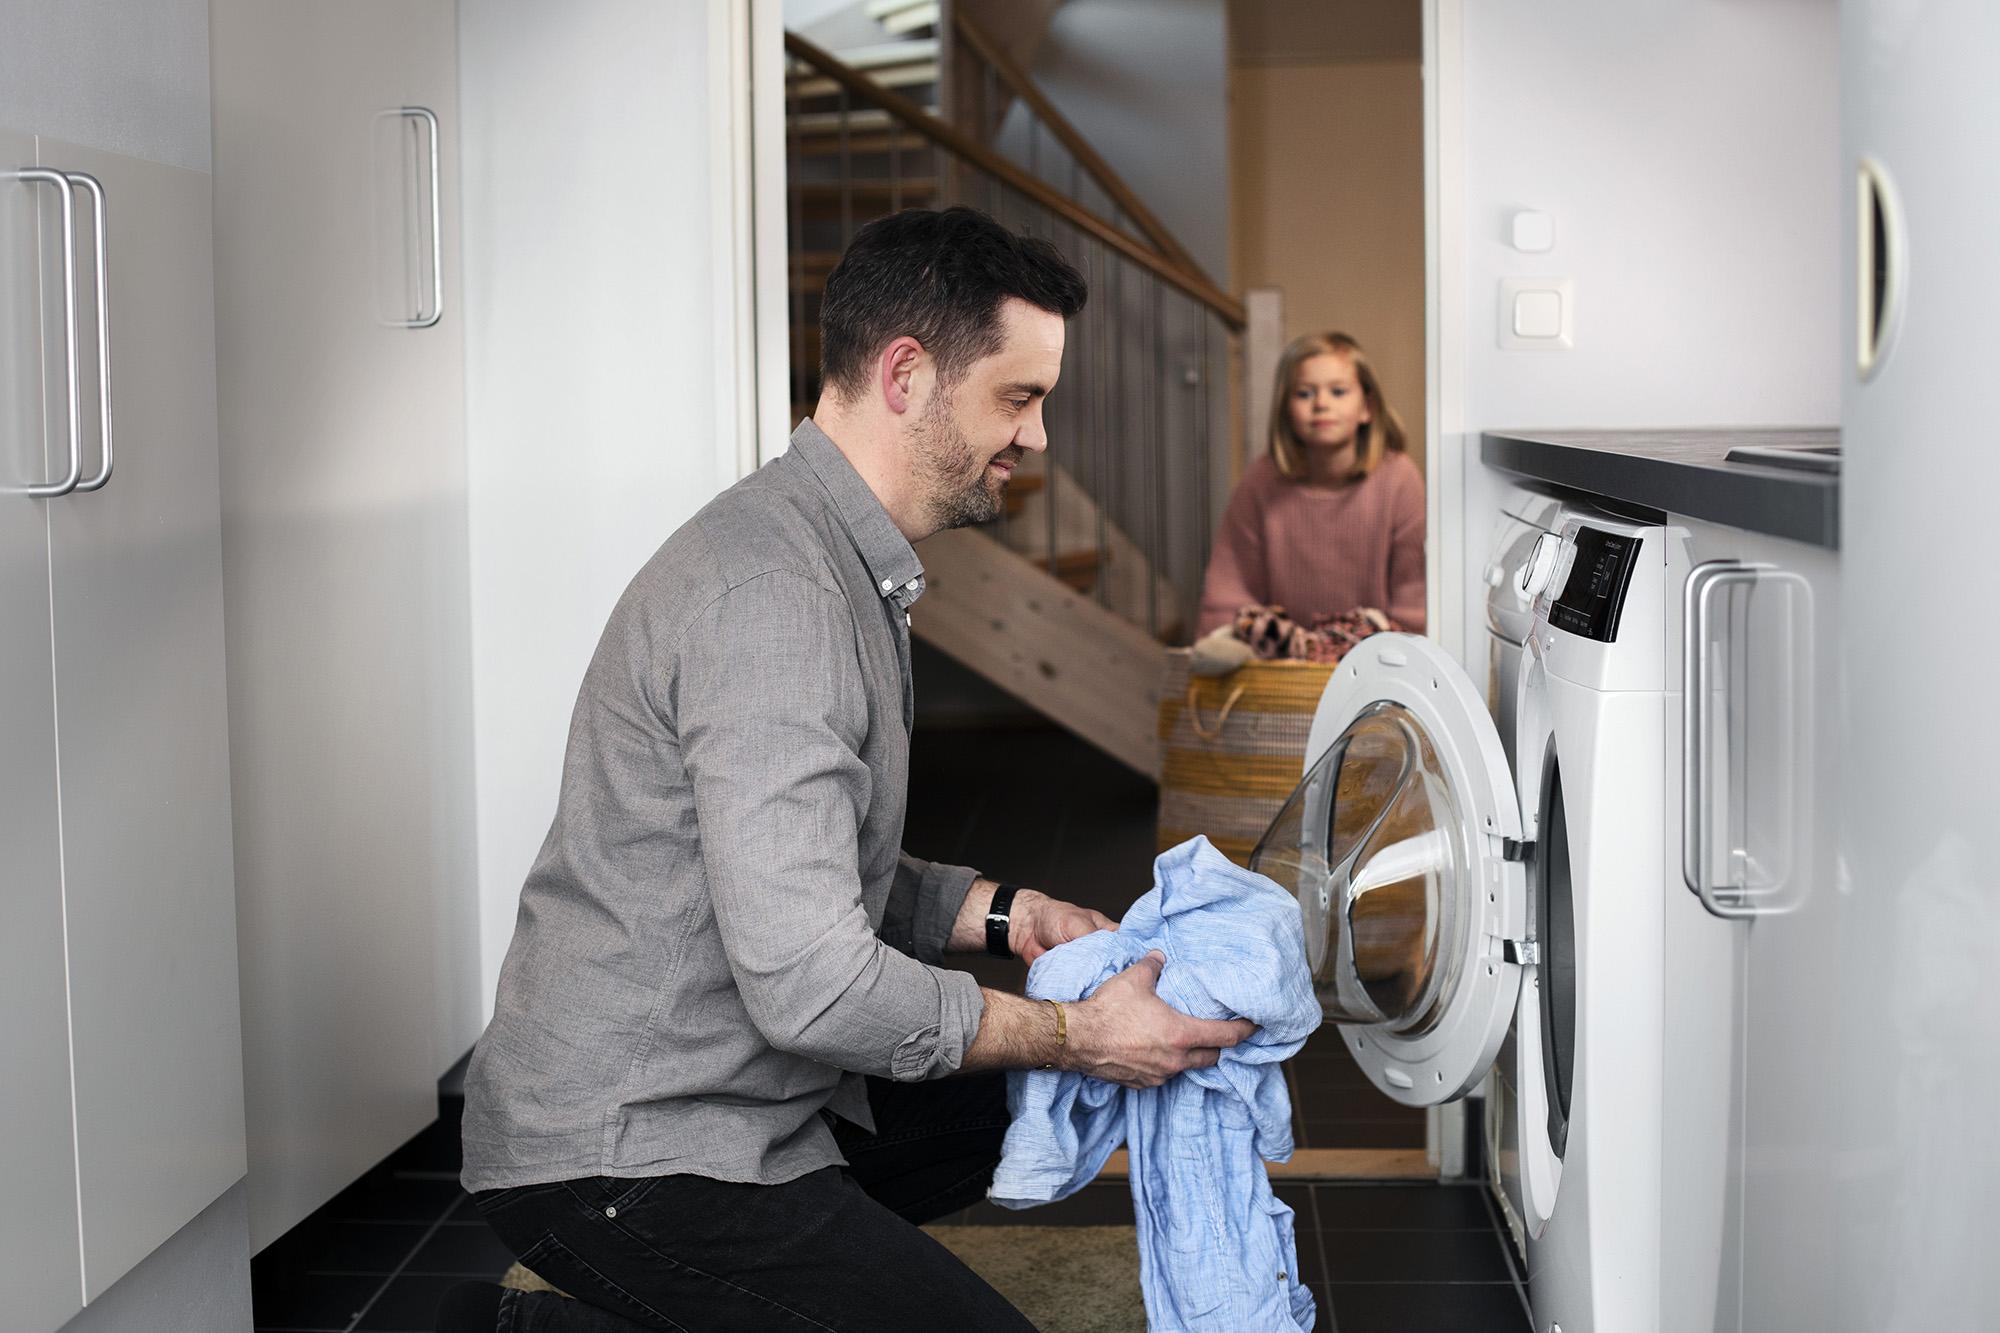 En man är på väg att lägga in ett blått klädesplagg i en tvättmaskin. I bakgrunden står en flicka med en tvättkorg.